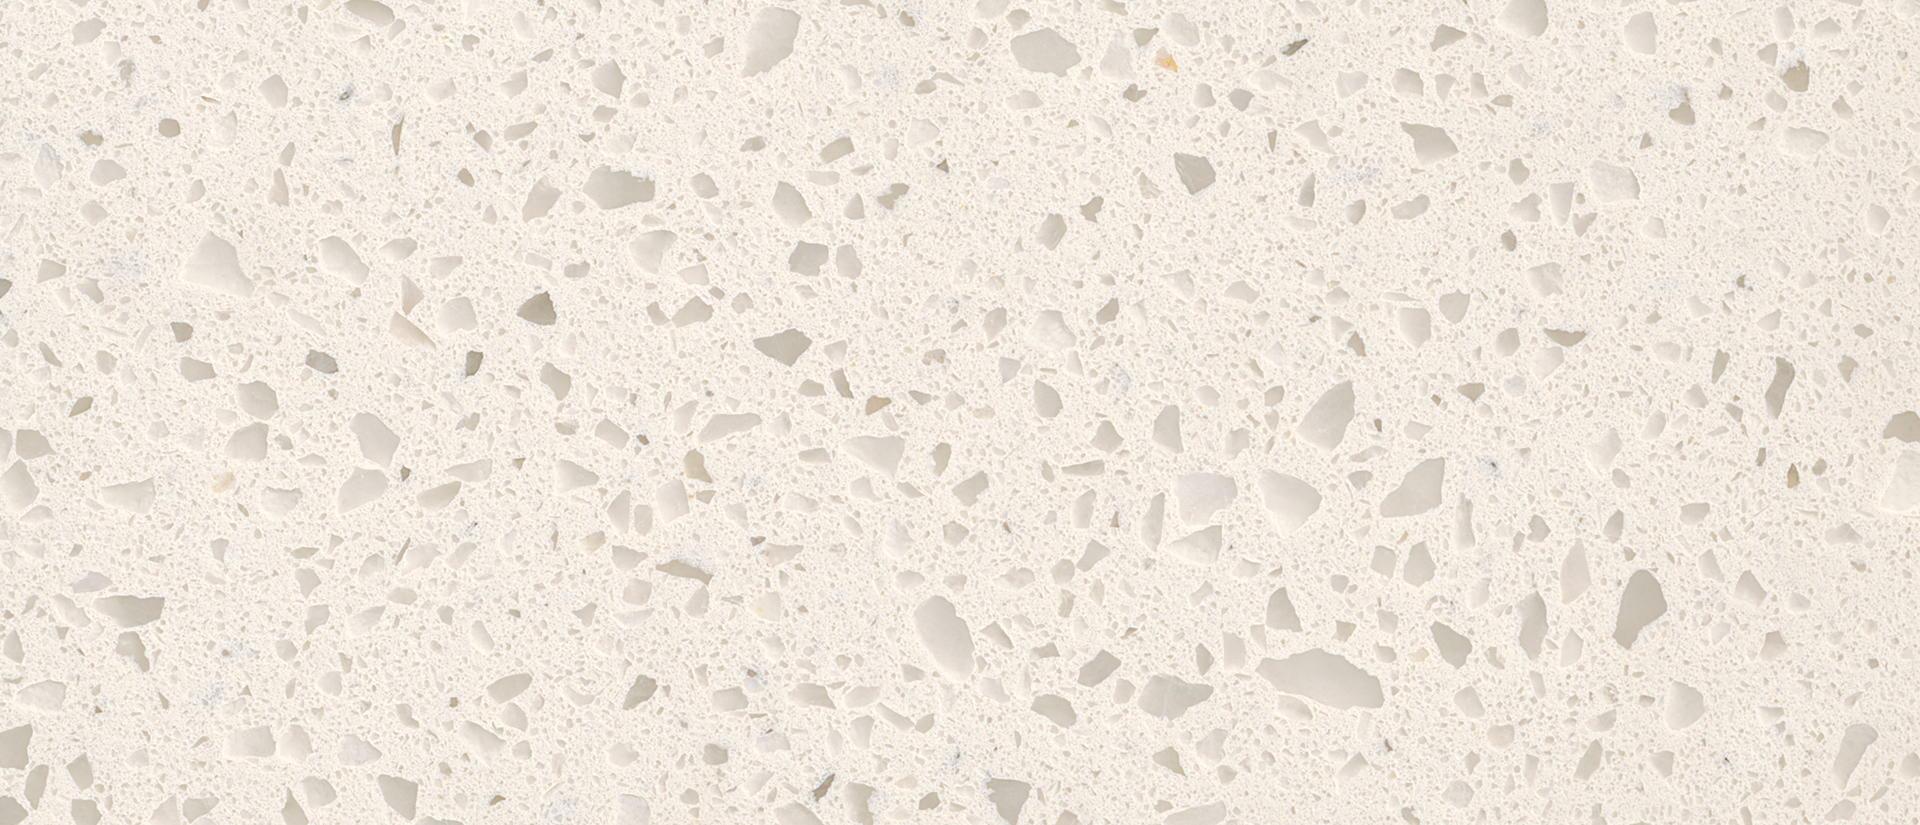 Iced White 3 Cm Quartz Tileforless